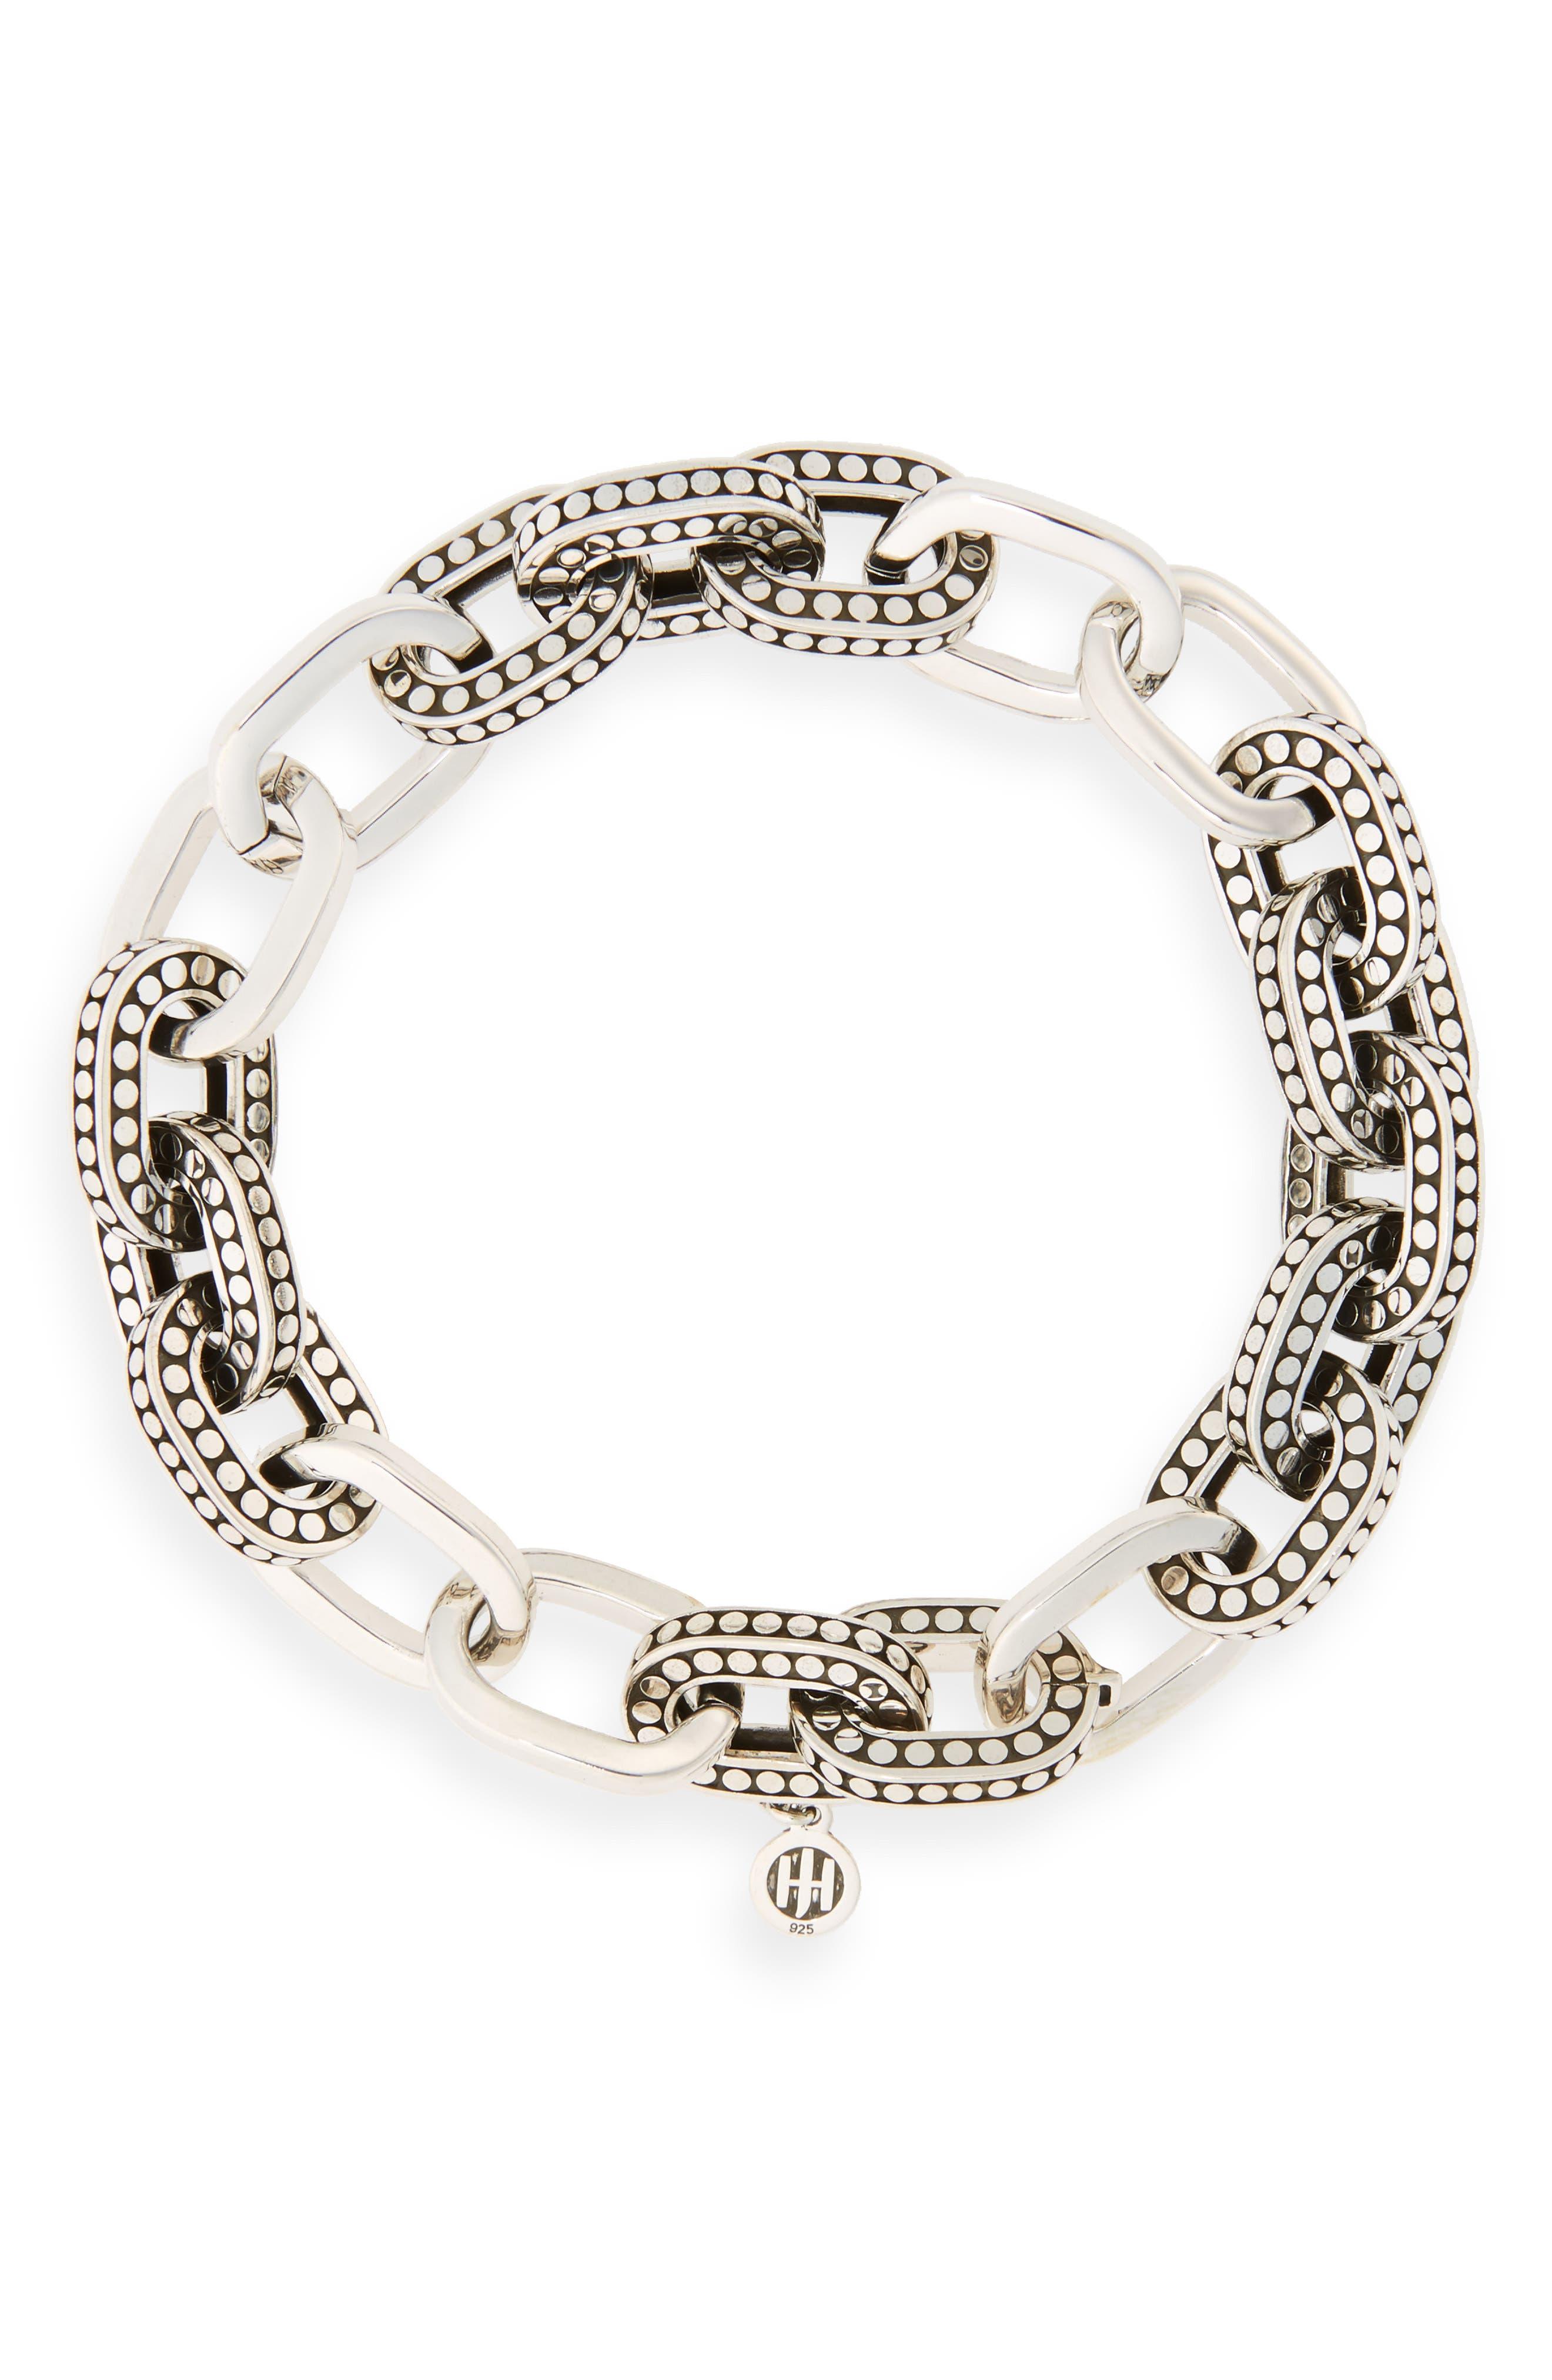 Main Image - John Hardy Dot Link Bracelet